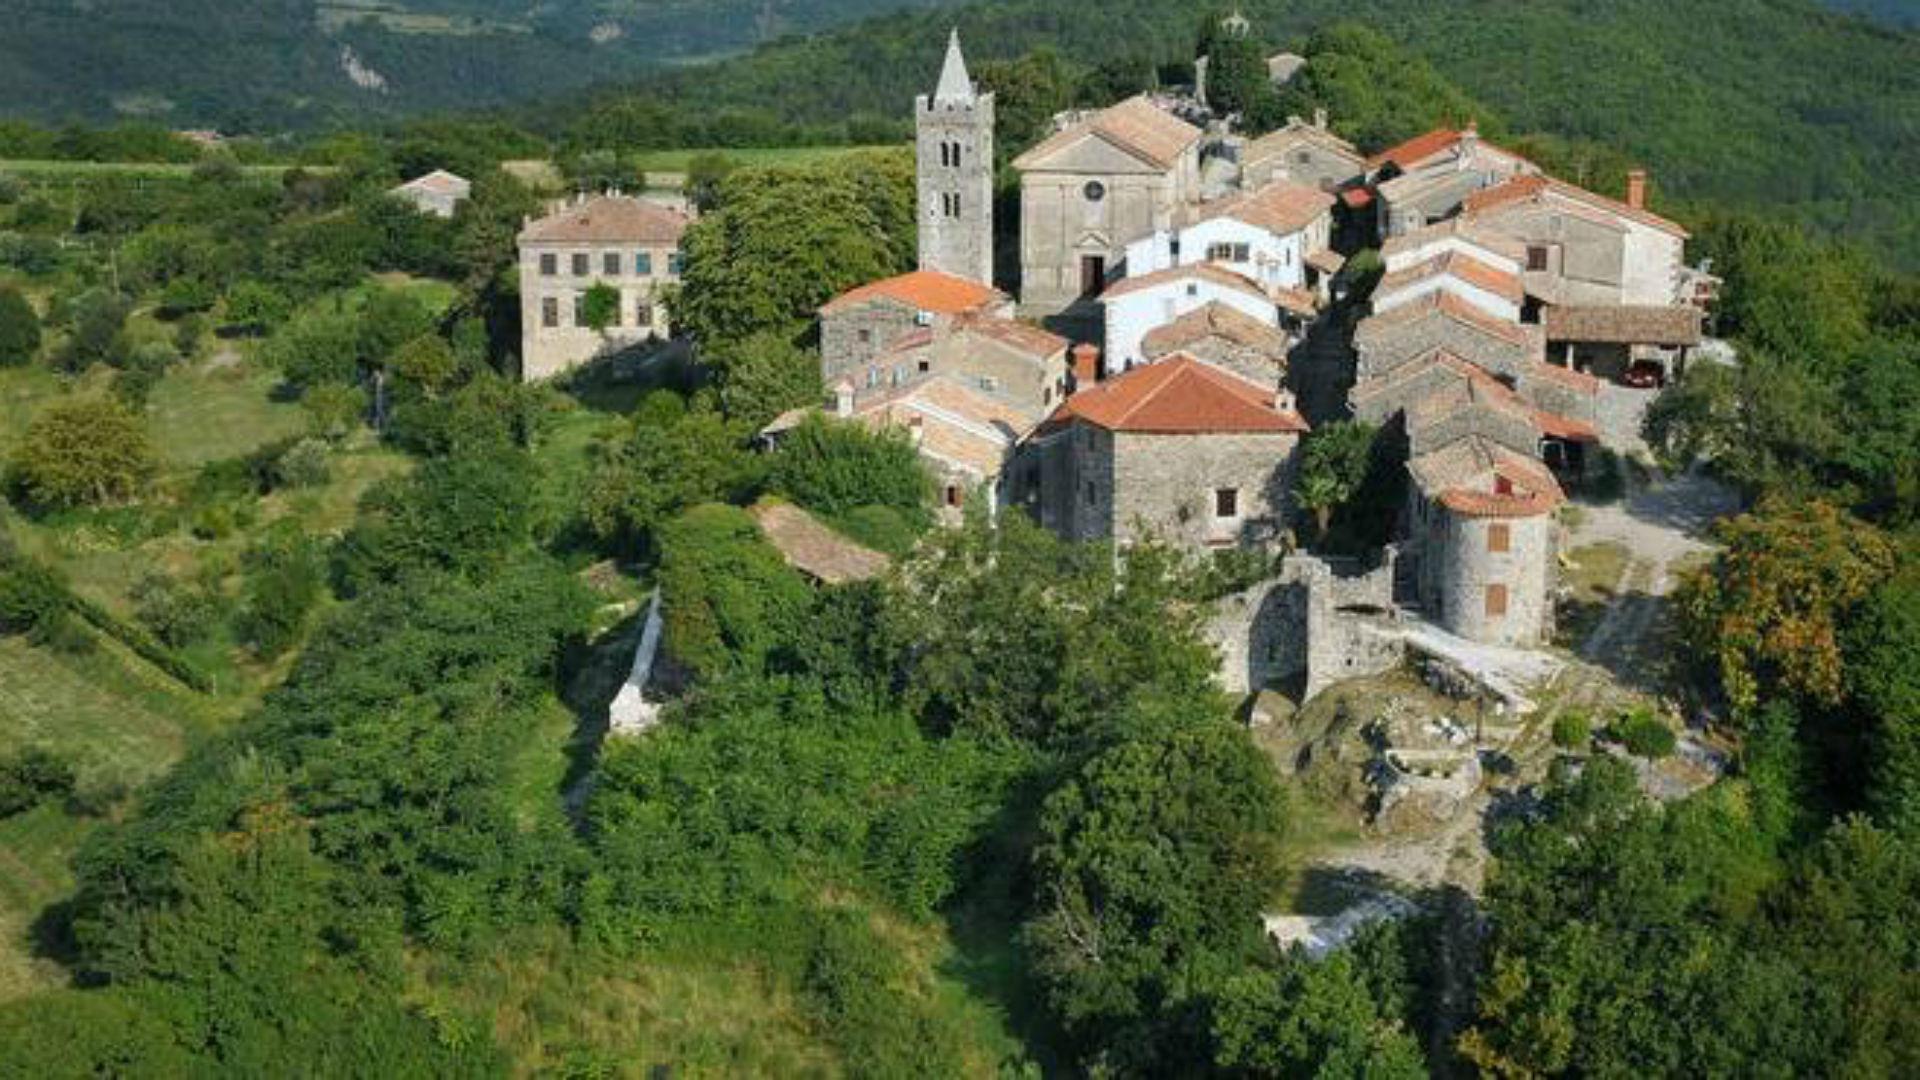 Hum, Croacia